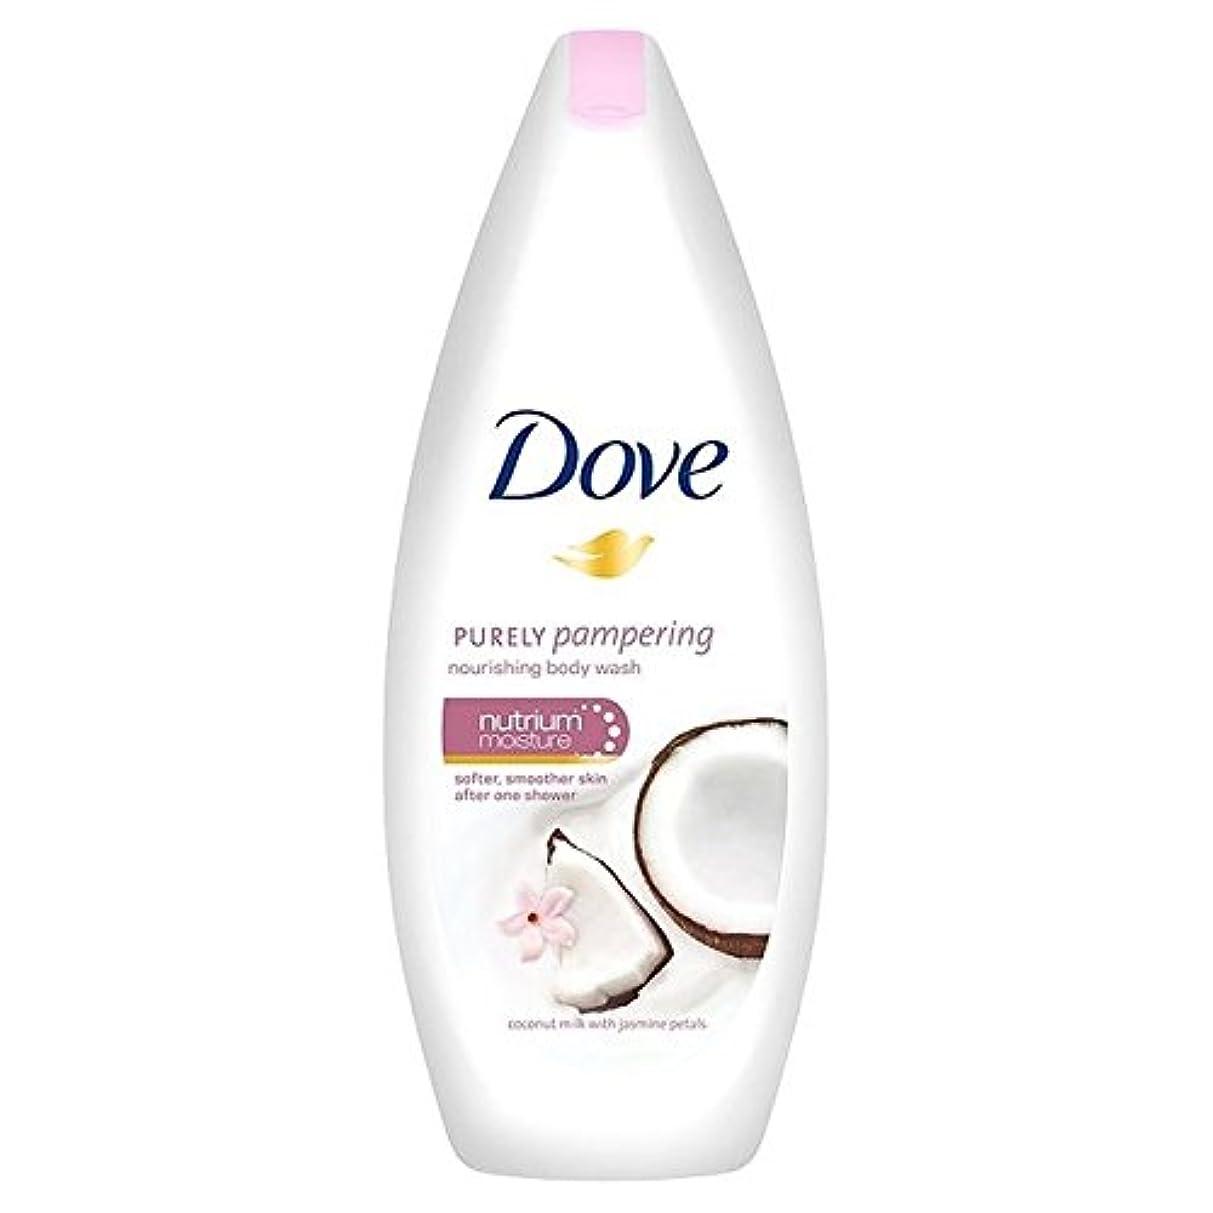 宣言する努力艶鳩純粋に甘やかすココナッツボディウォッシュ250ミリリットル x4 - Dove Purely Pampering Coconut Body Wash 250ml (Pack of 4) [並行輸入品]